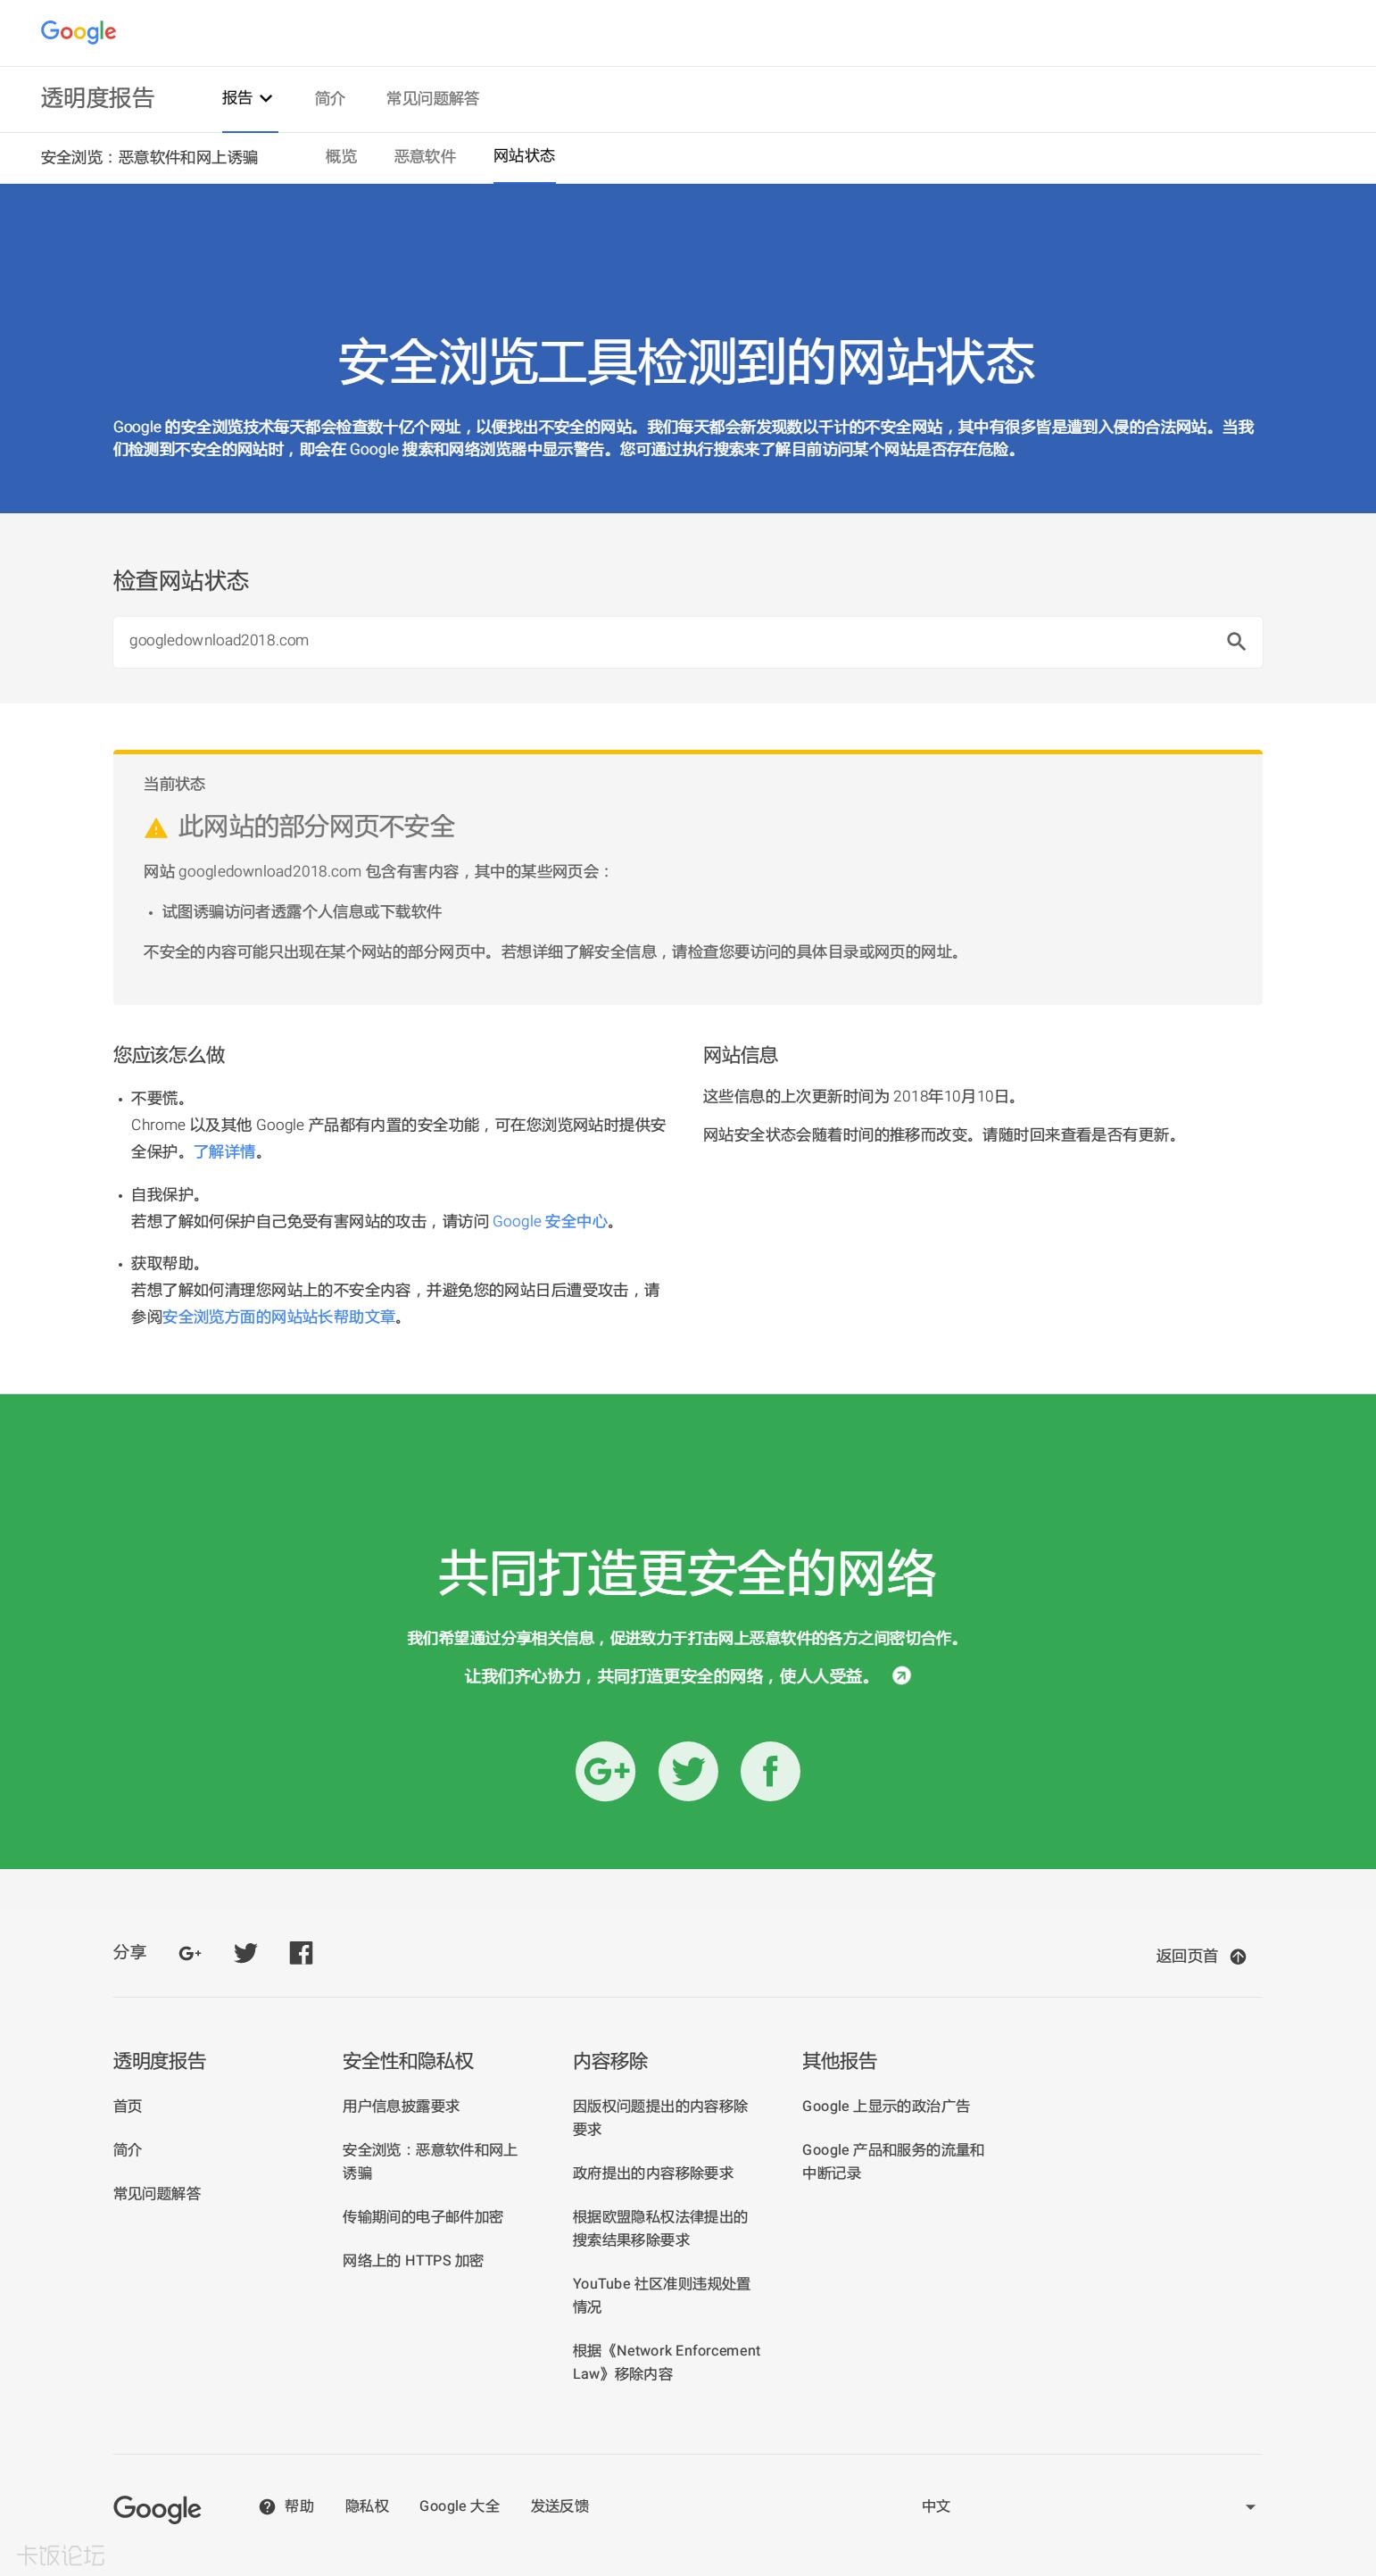 安全浏览:恶意软件和网上诱骗 – Google 透明度报告.png